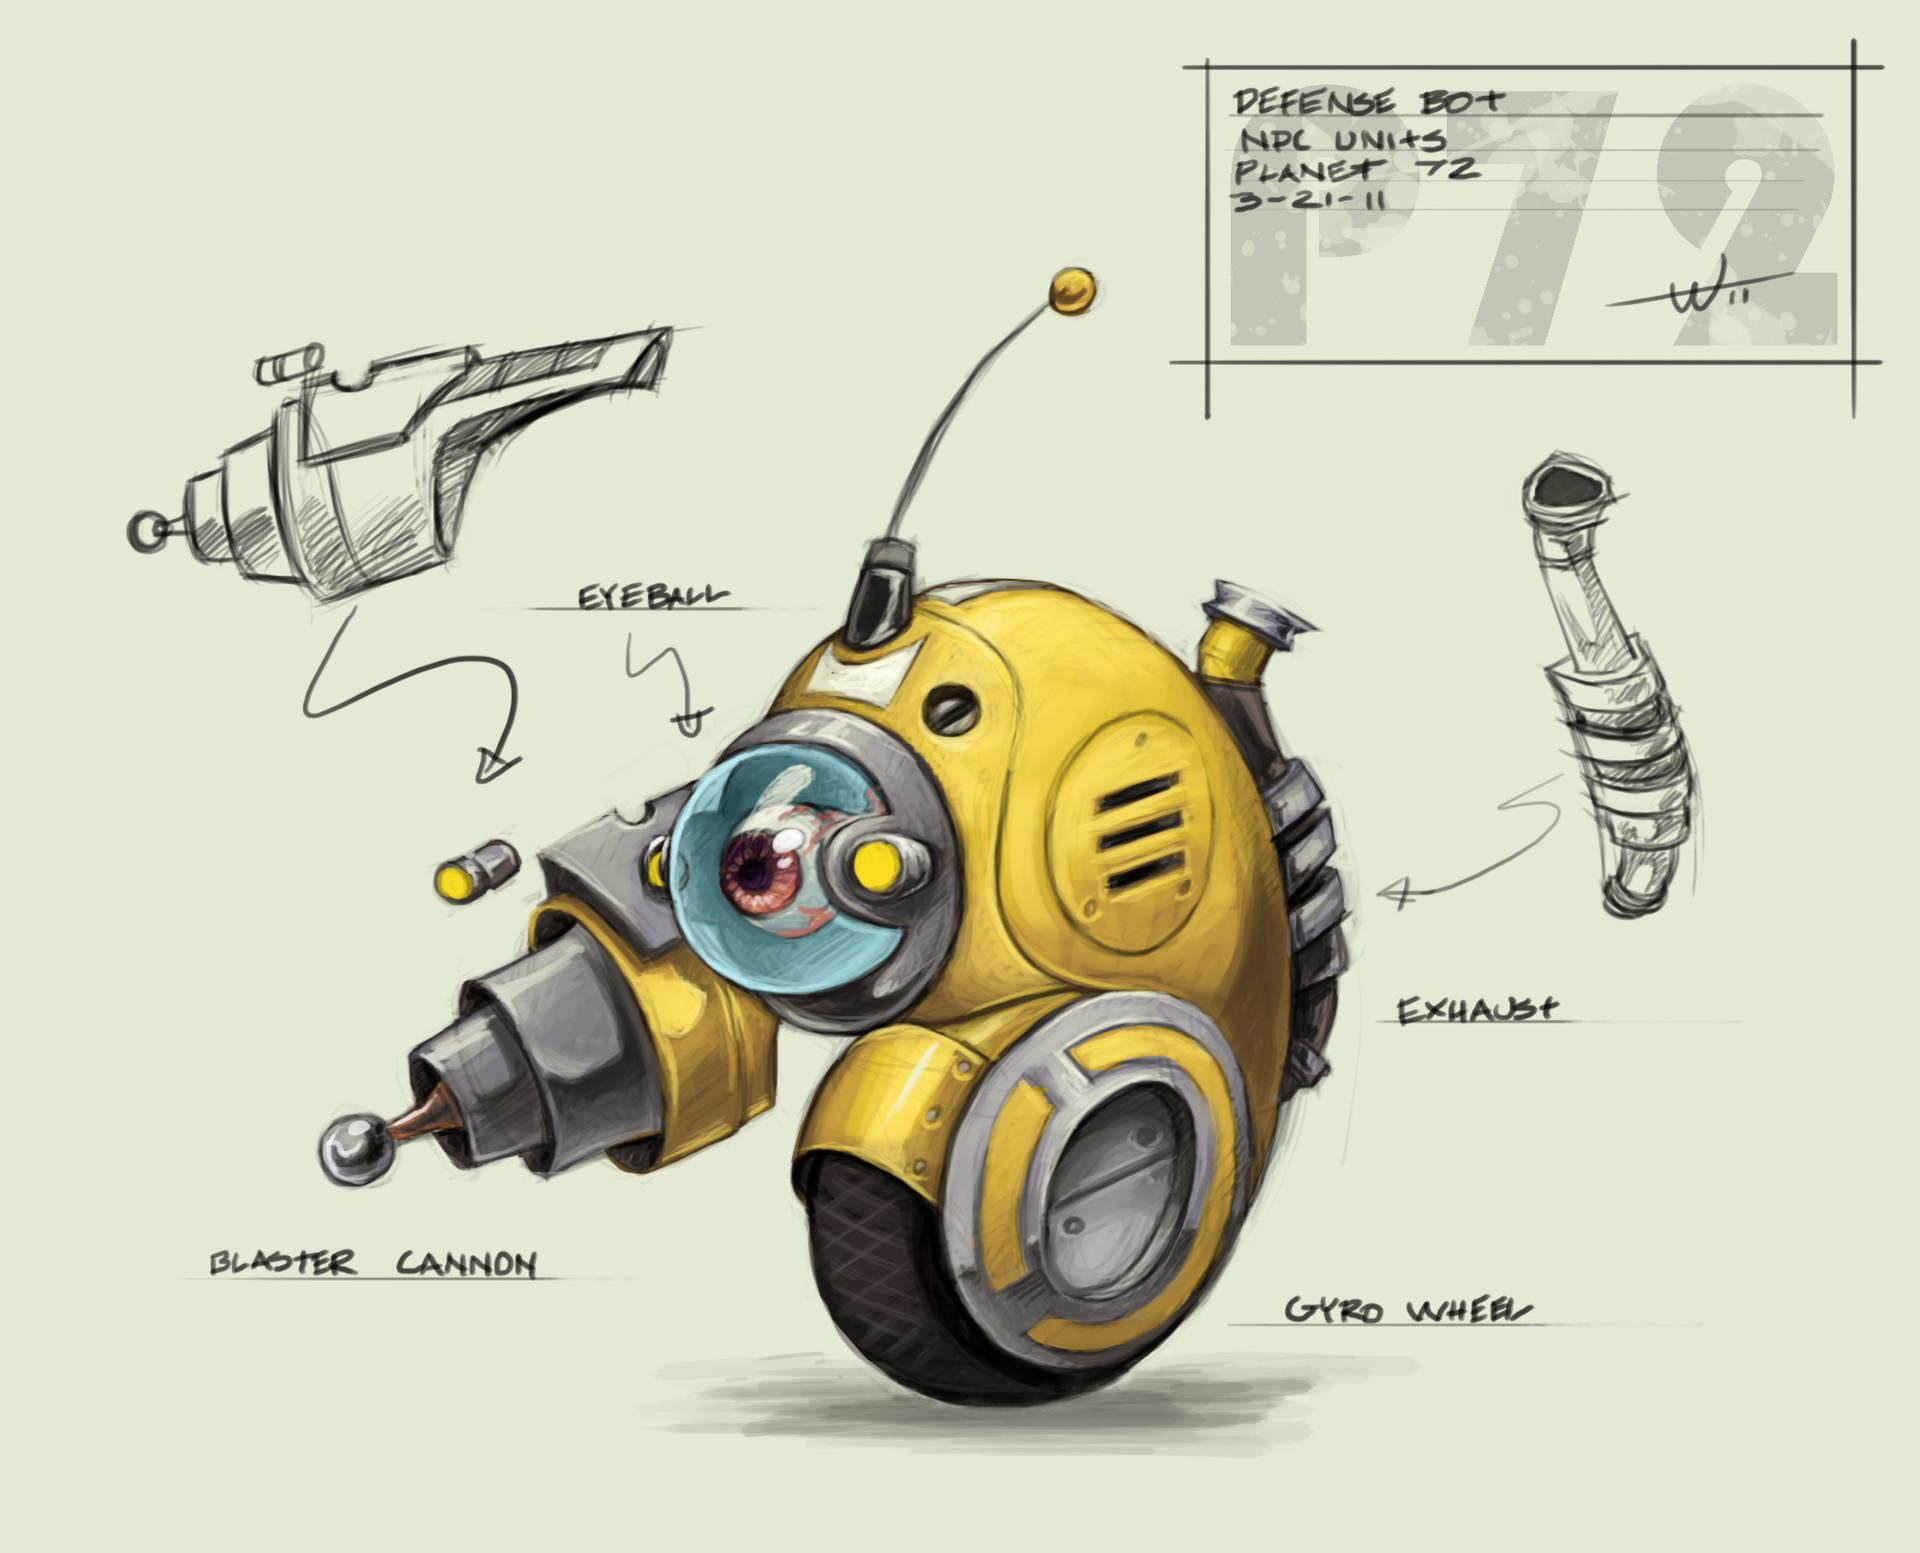 Allen white defensebot1